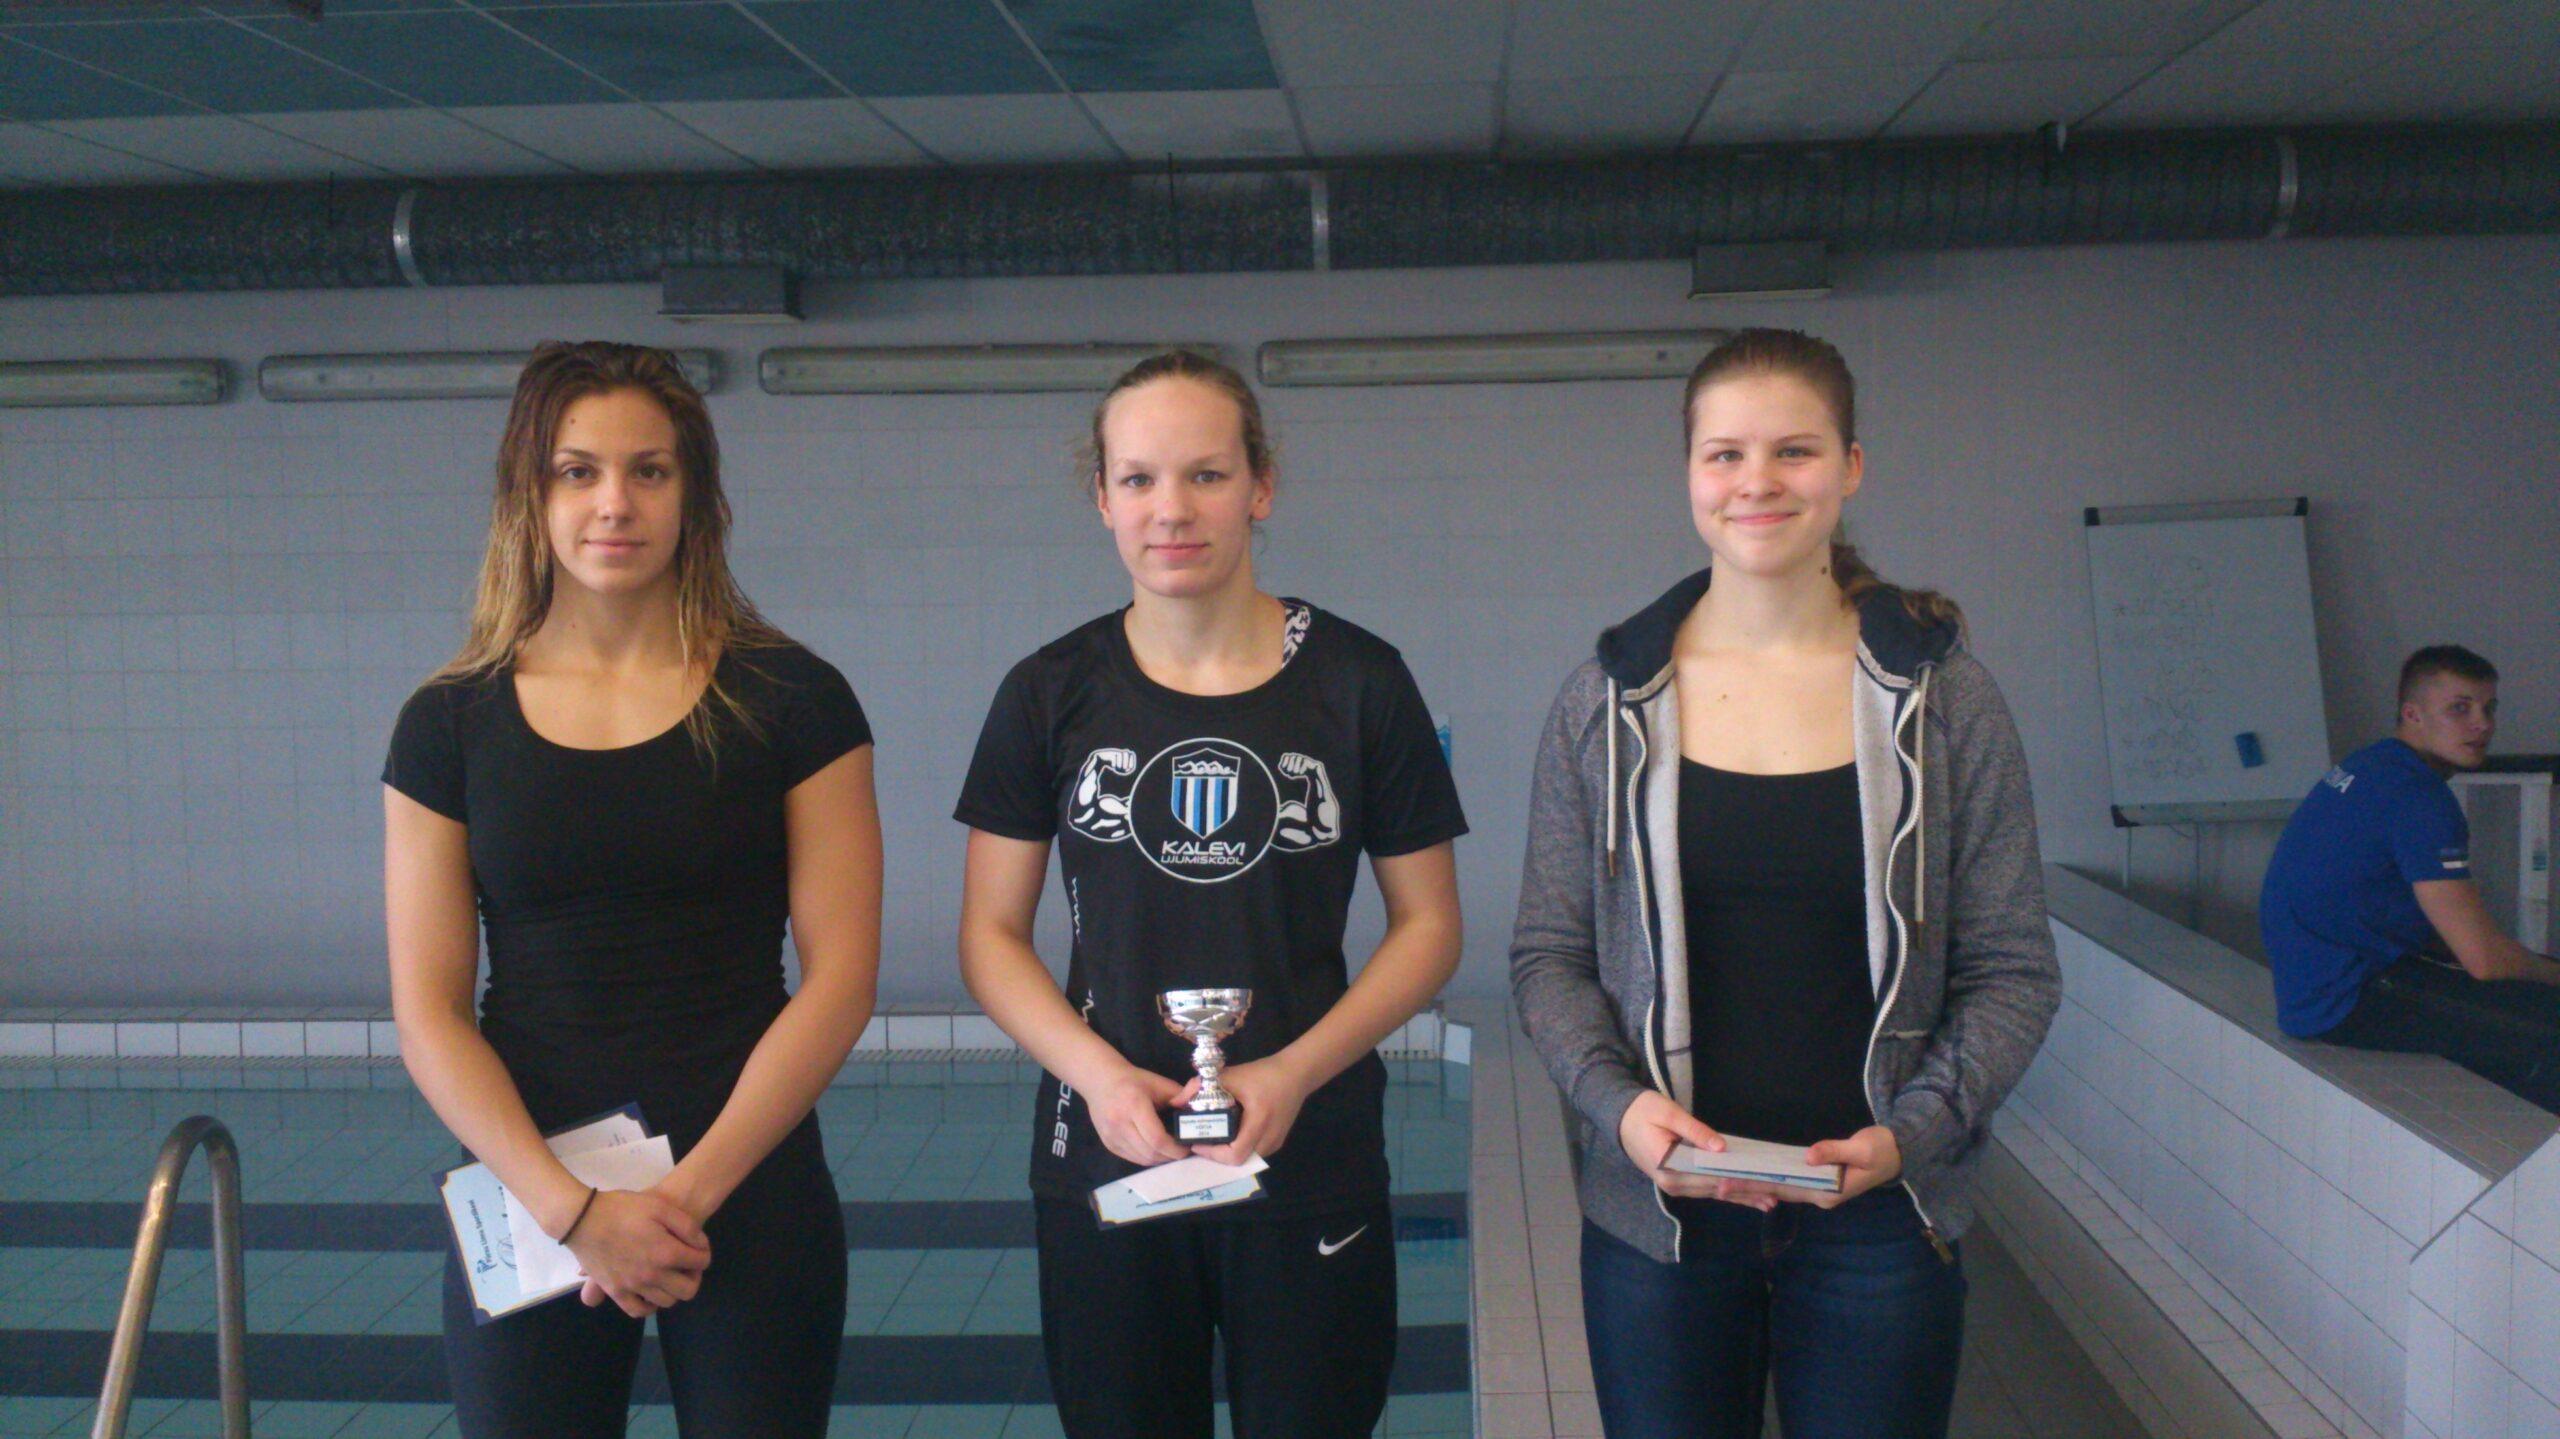 Ujumiskooli õpilased poodiumil üle kogu Eesti